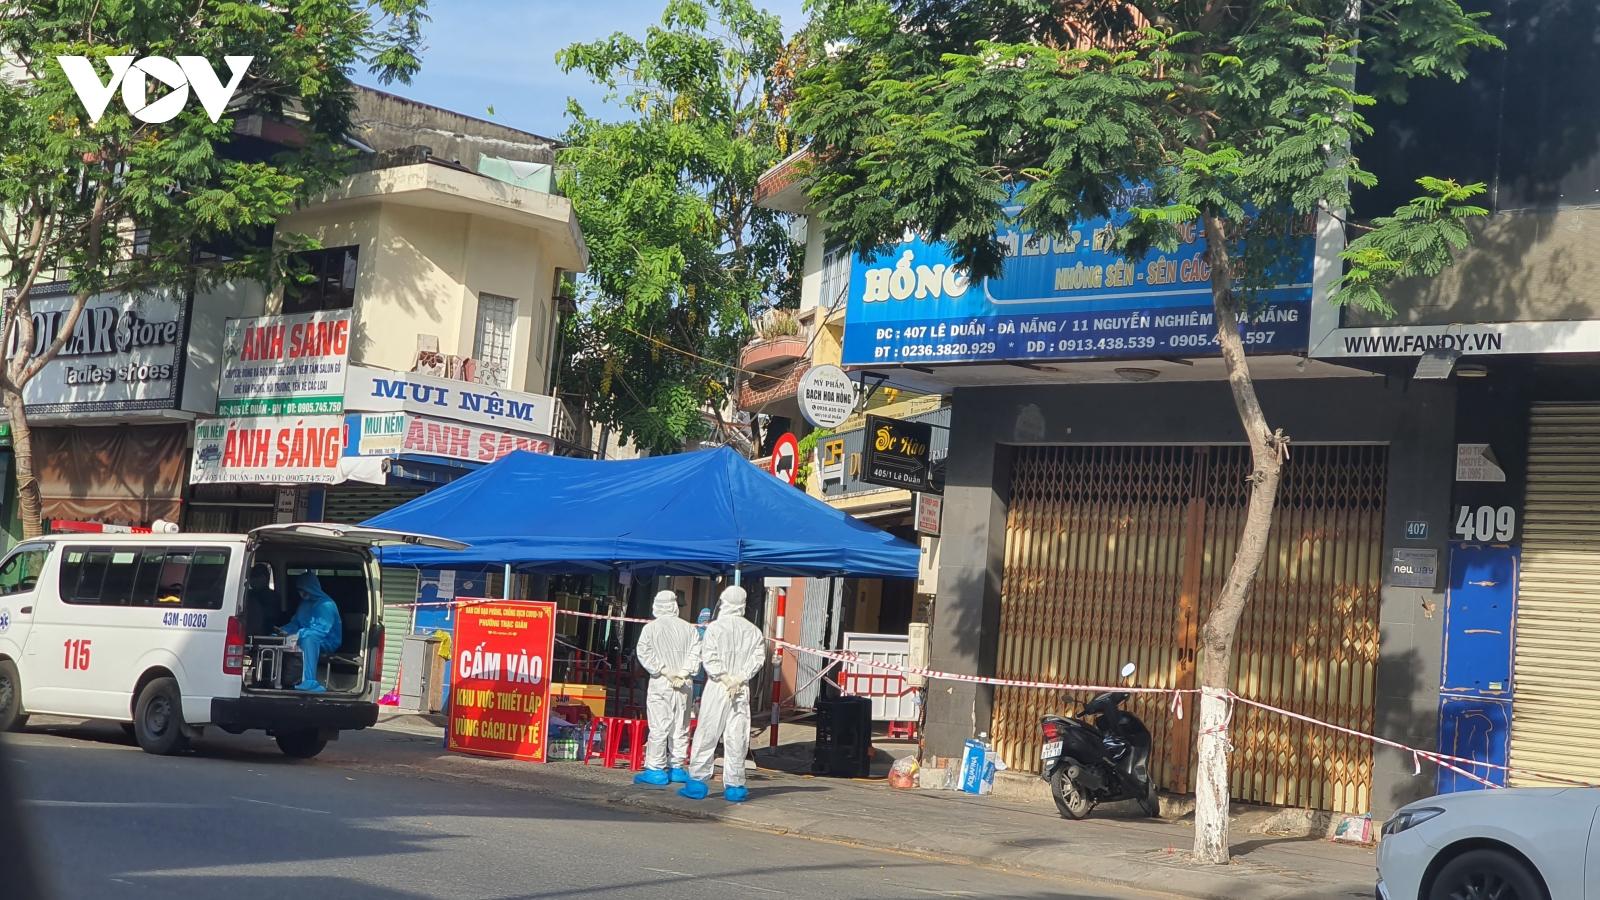 Phong tỏa kịp thời, lấy mẫu cấp tốc: Kinh nghiệm để Đà Nẵng sớm khống chế dịchlây lan